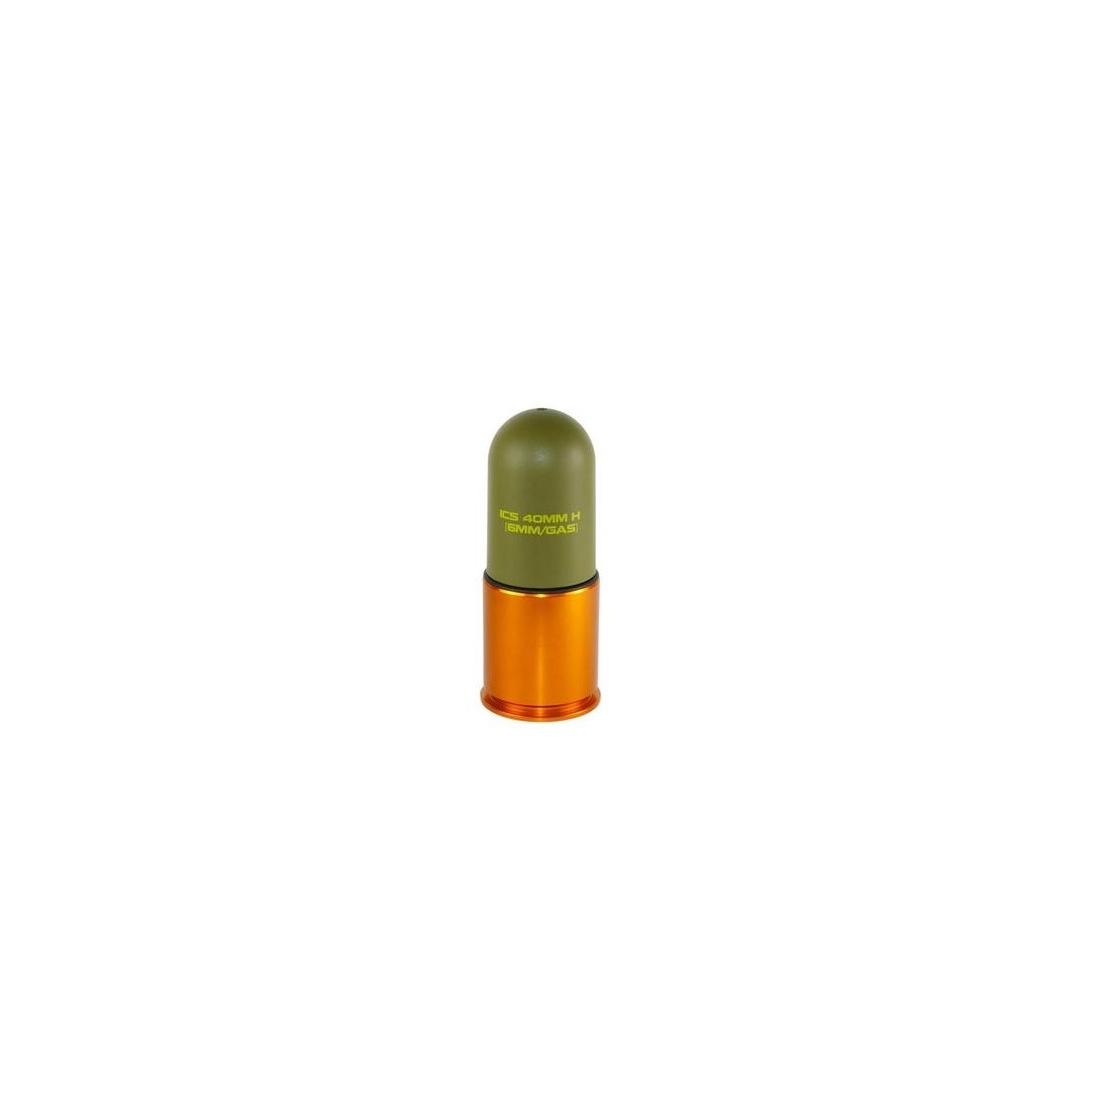 Grenade 40MM [ICS]